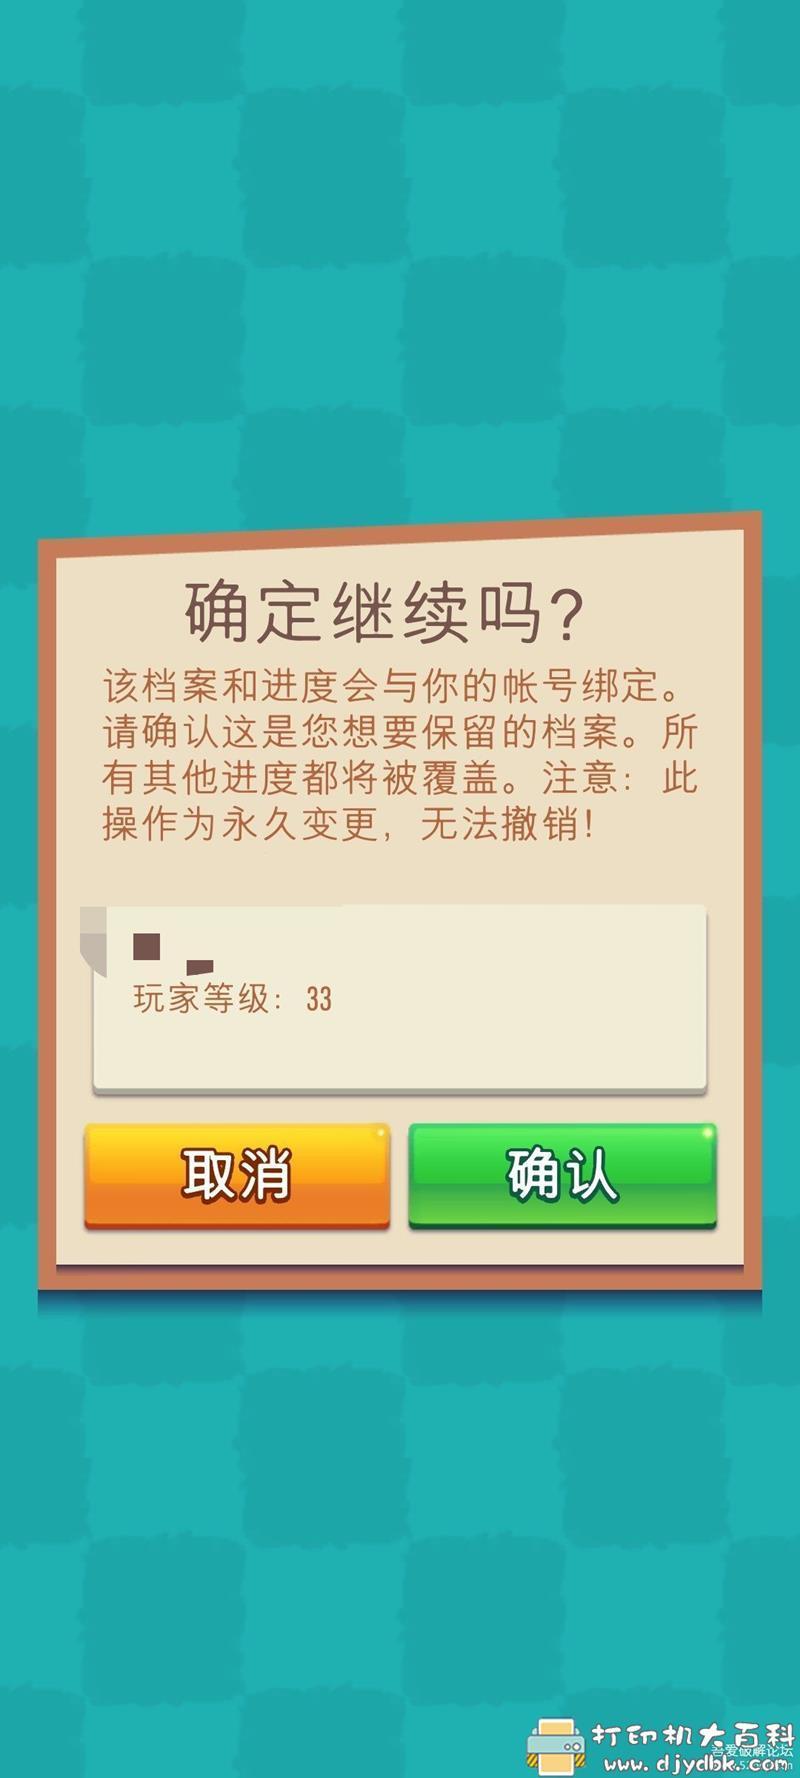 安卓游戏分享:植物大战僵尸3 v20.0.265726 激情解锁版(更新) 配图 No.2